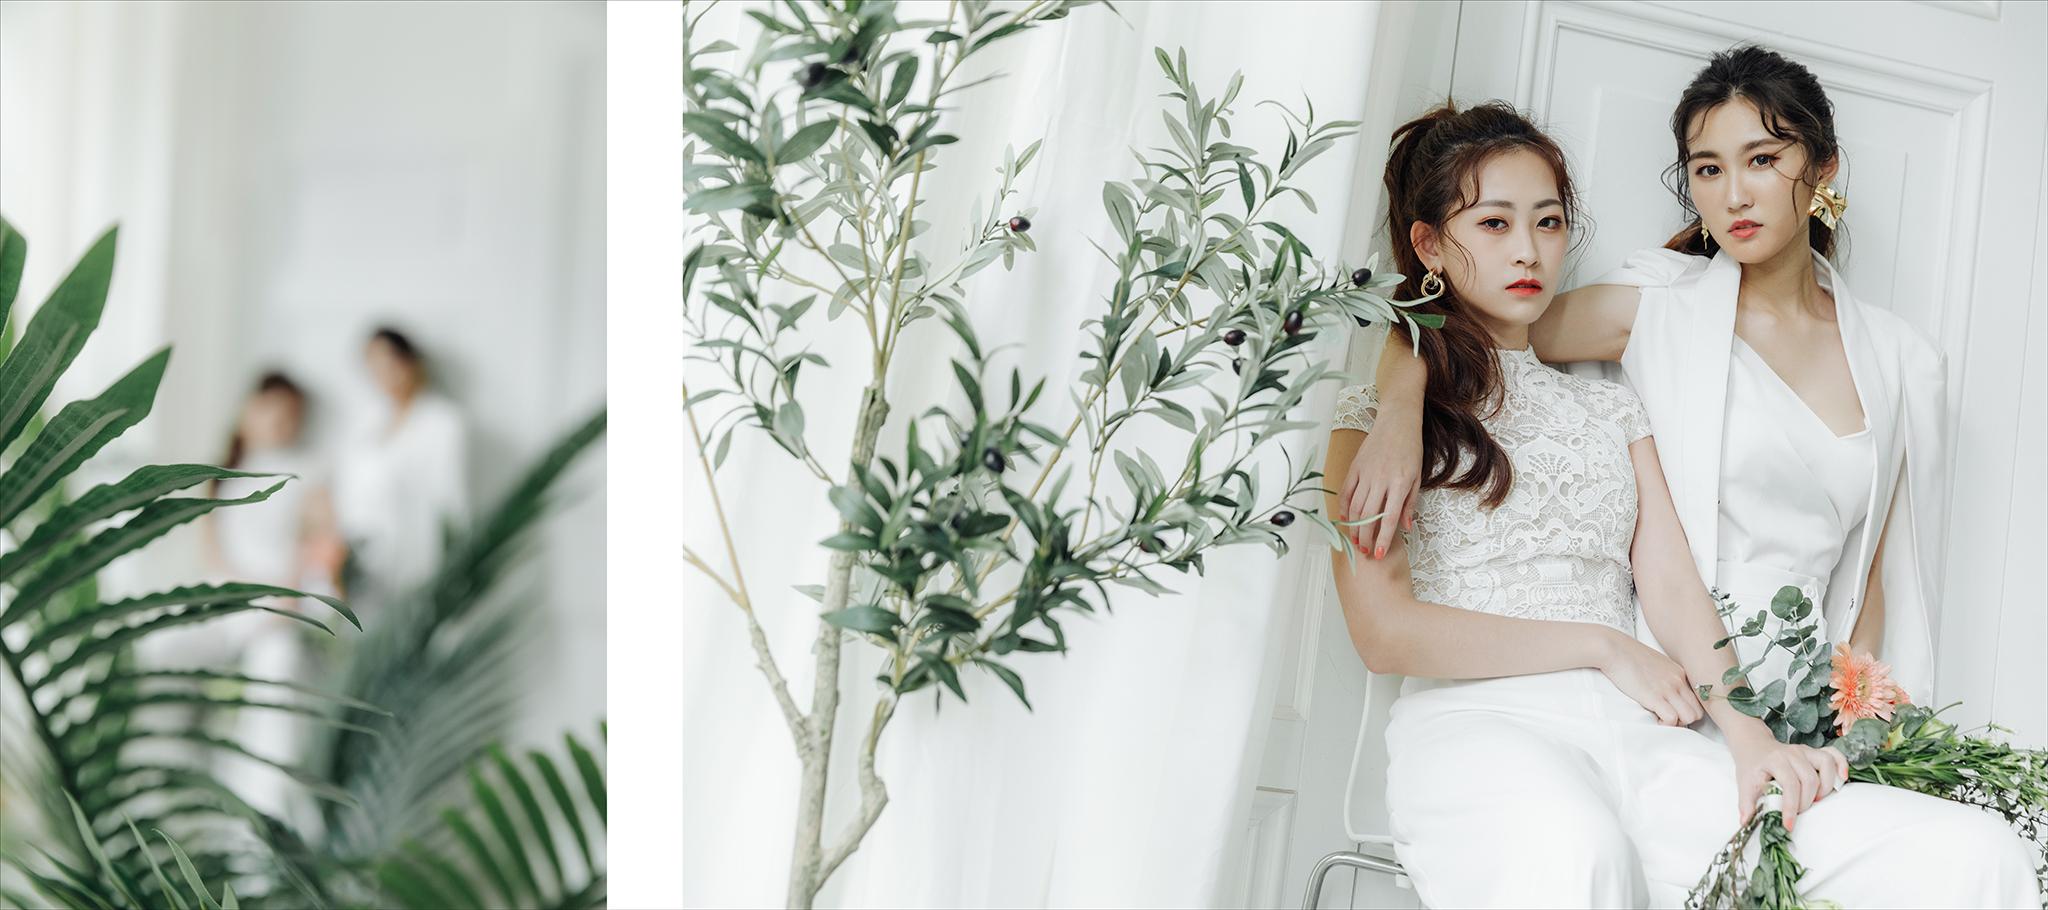 49929555952 b2a63f169e o - 【閨蜜婚紗】+Jessy & Tiffany+